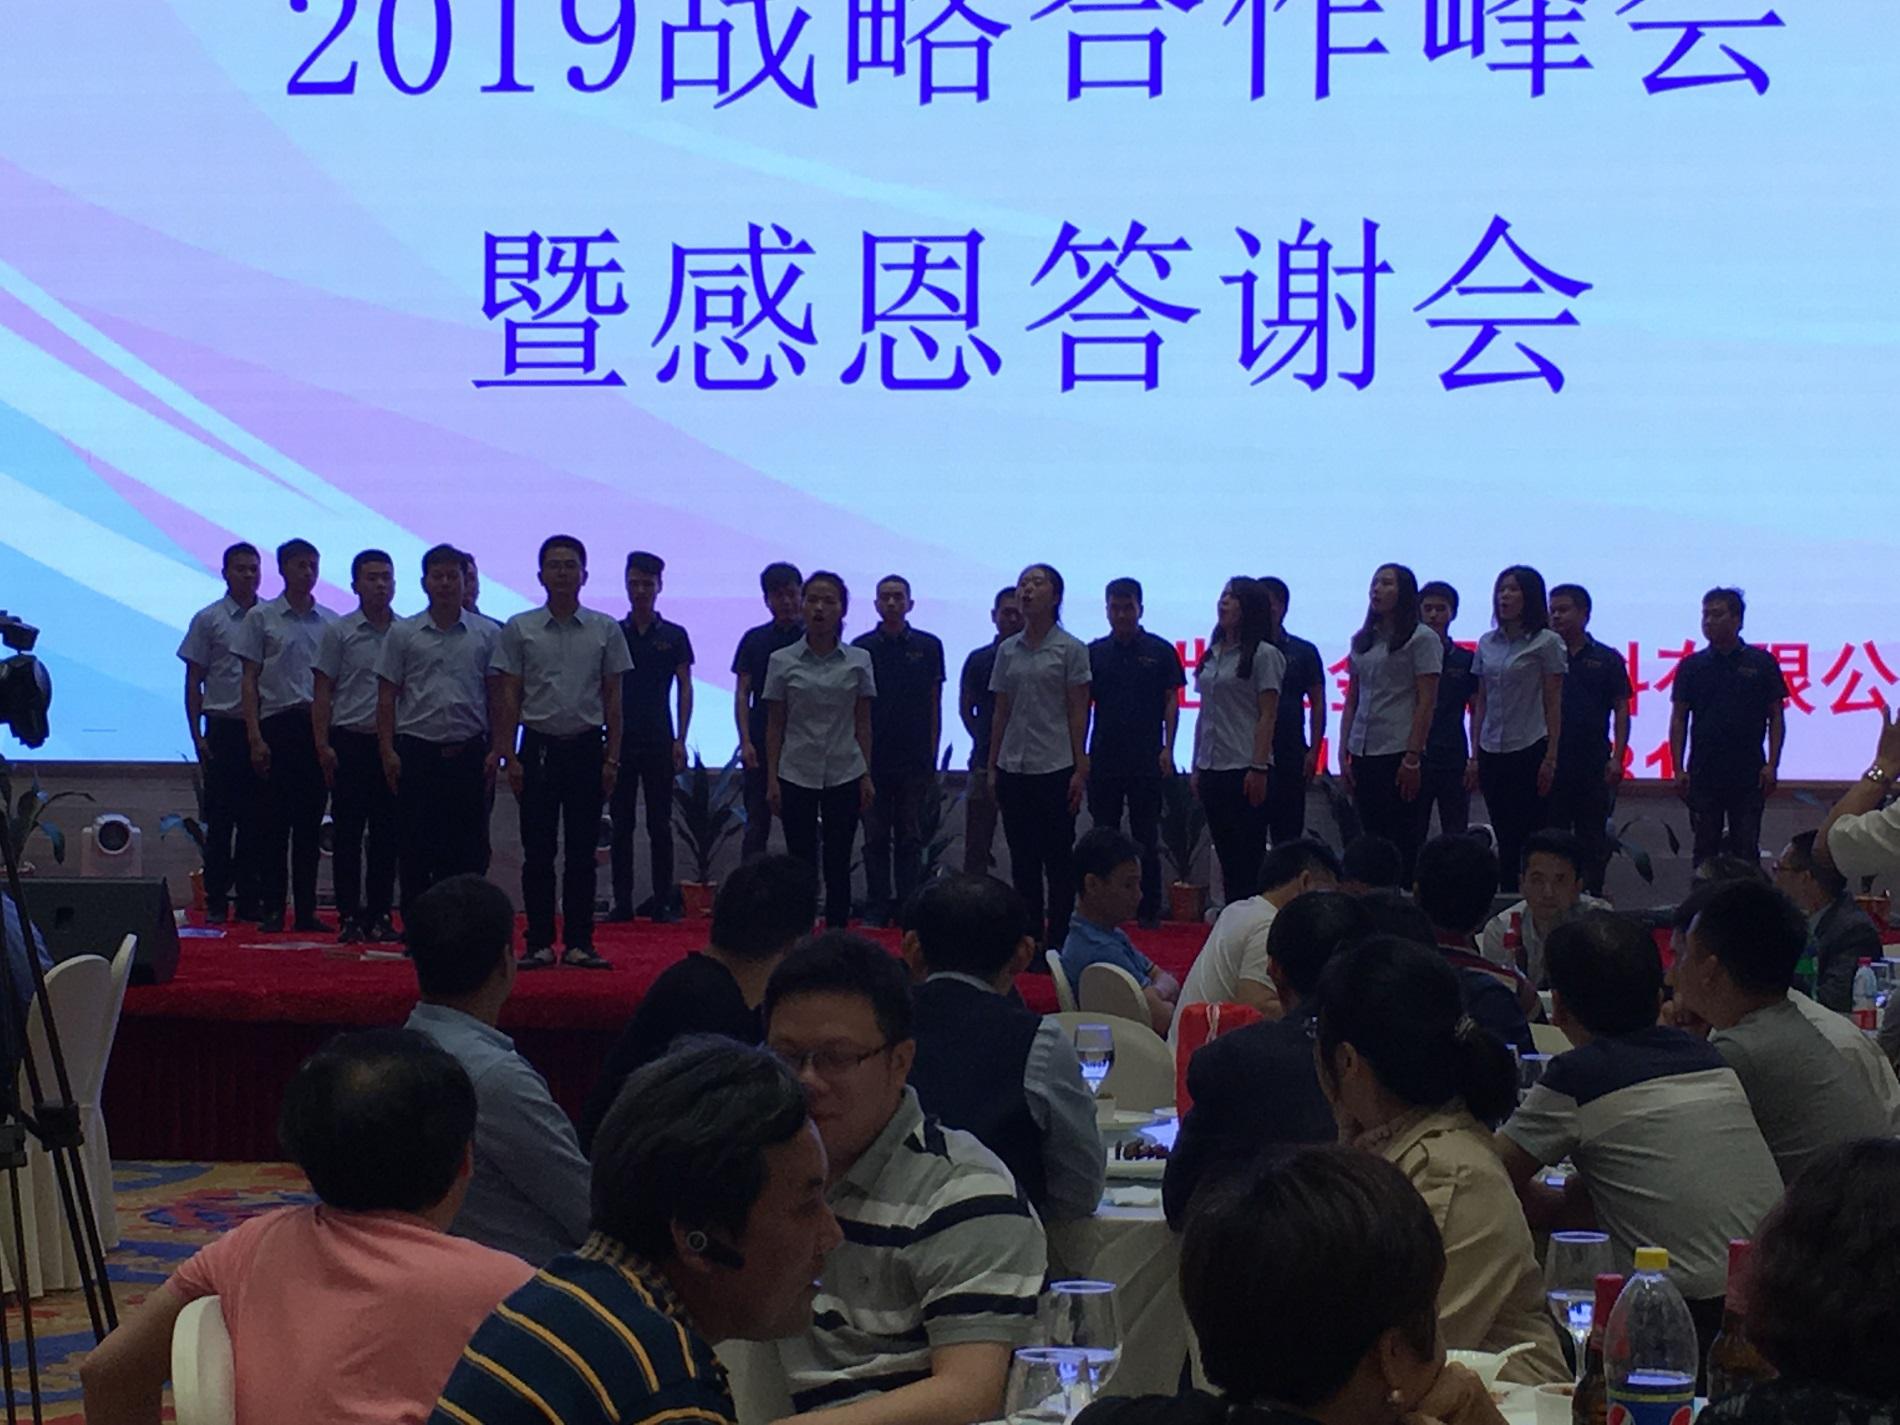 2019战略合作峰会暨感恩答谢会合影